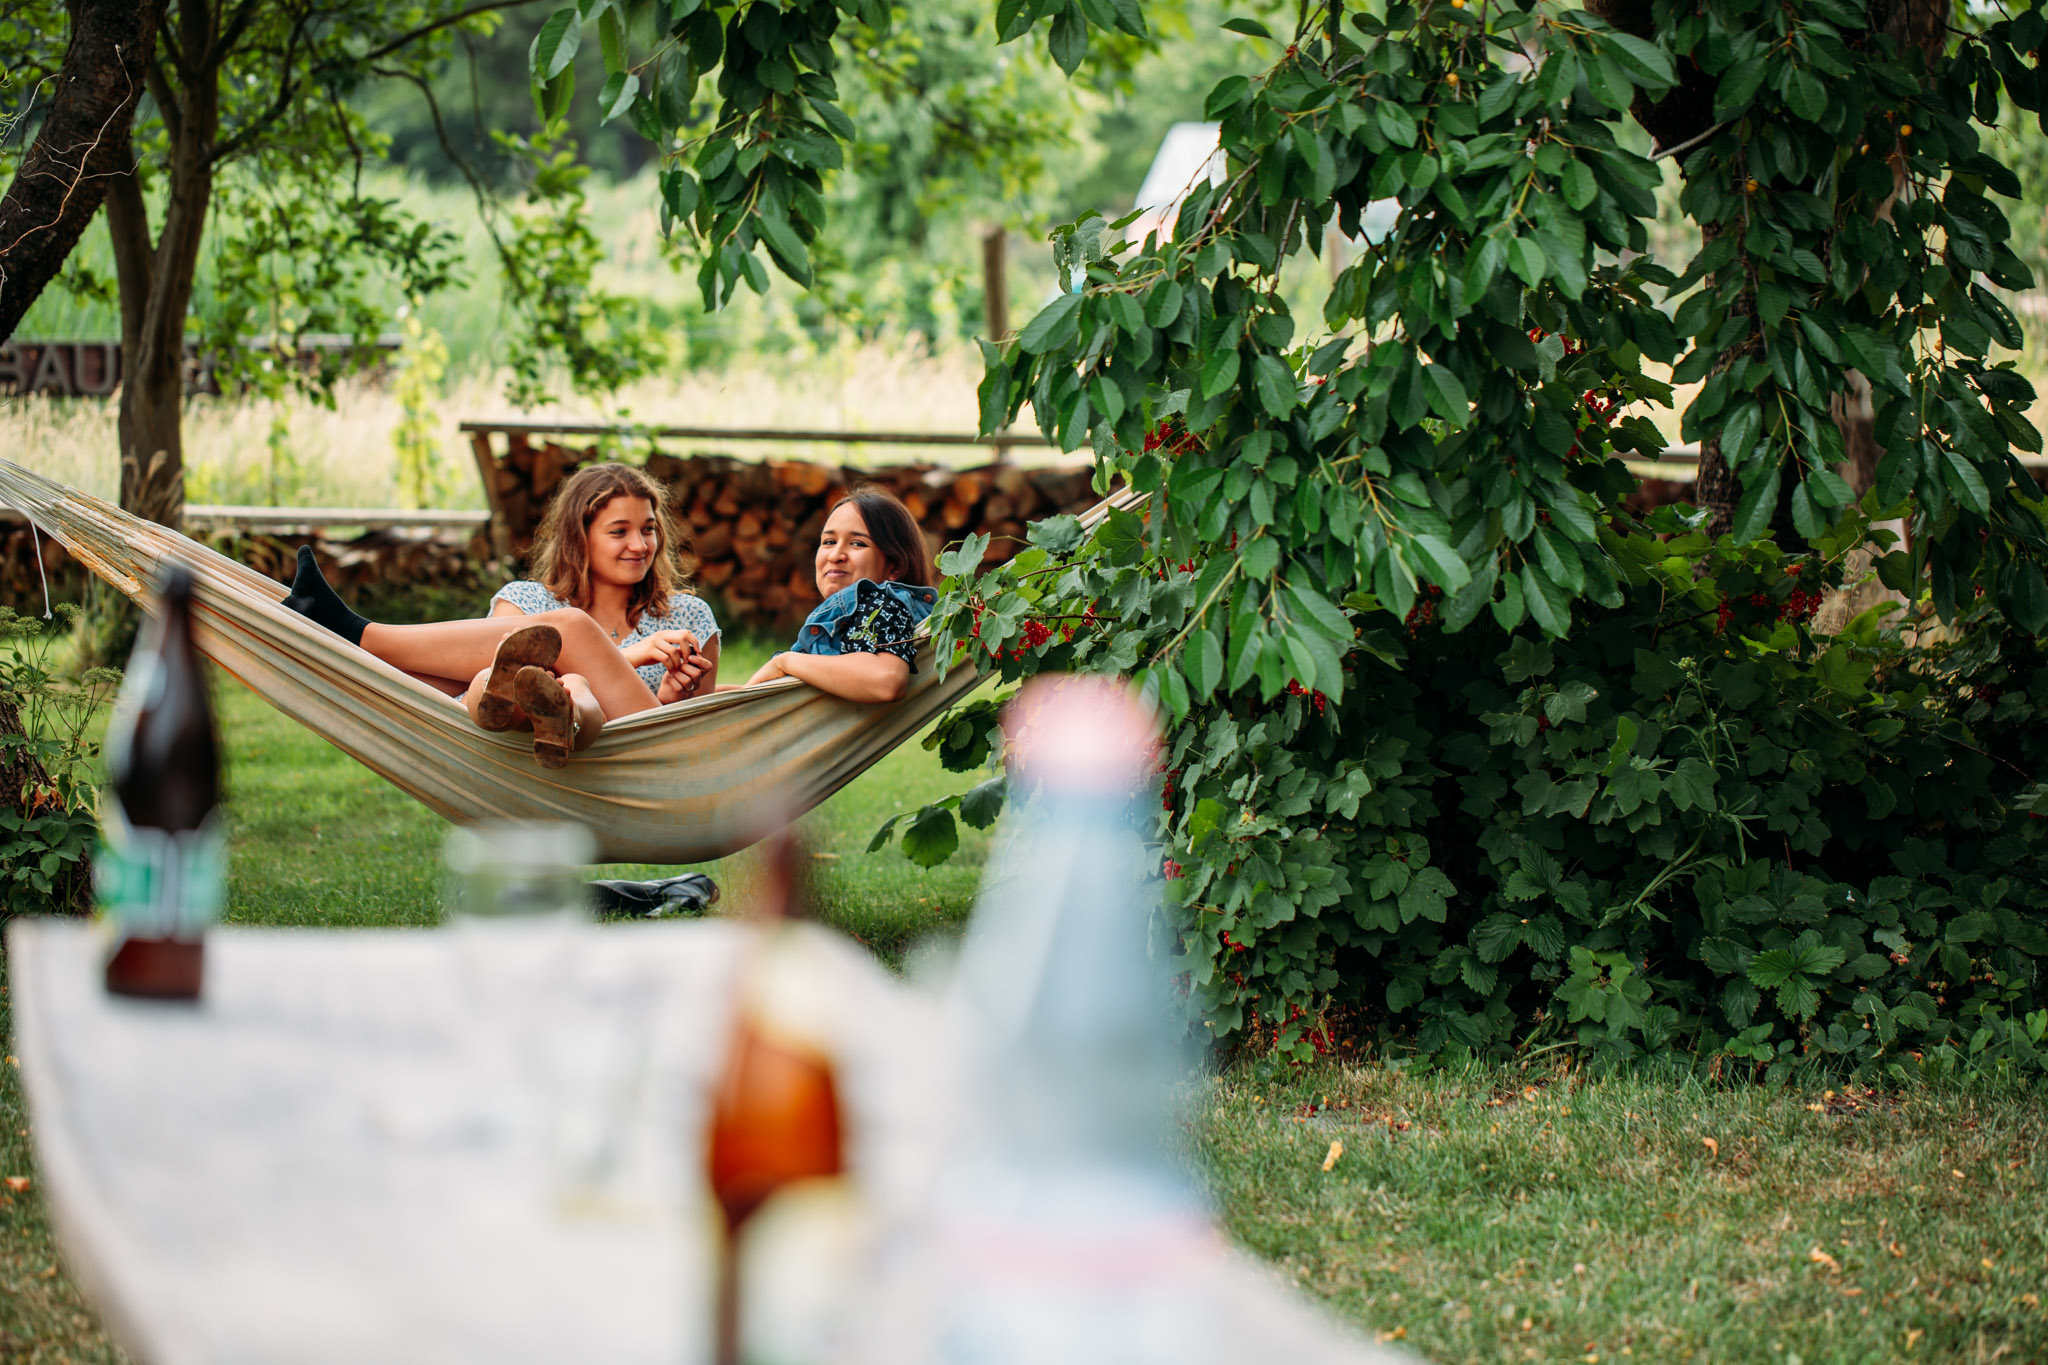 Familienhochzeit im Garten